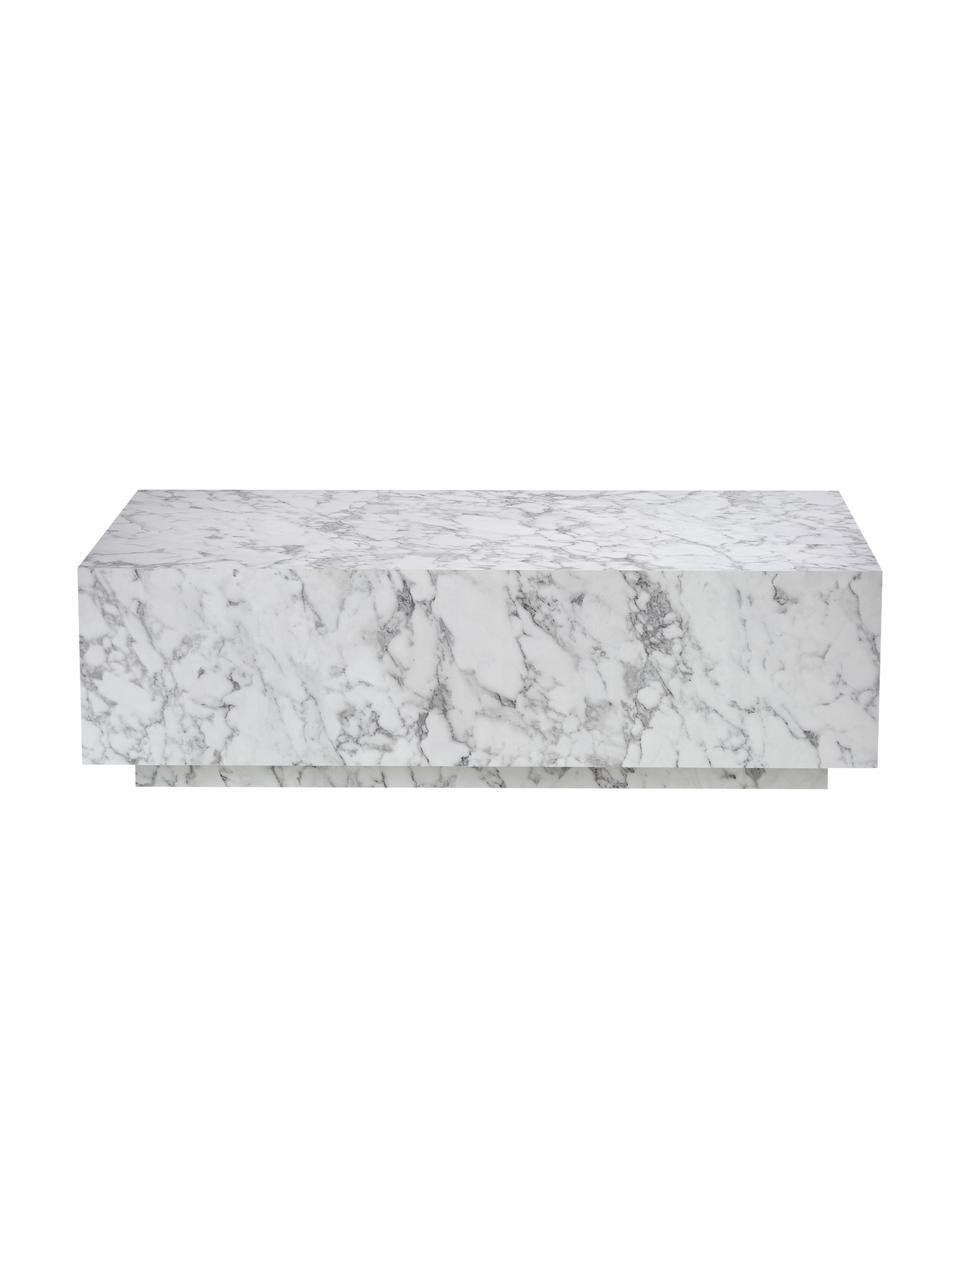 Table basse flottante aspect marbre Lesley, Blanc, marbré, brillant